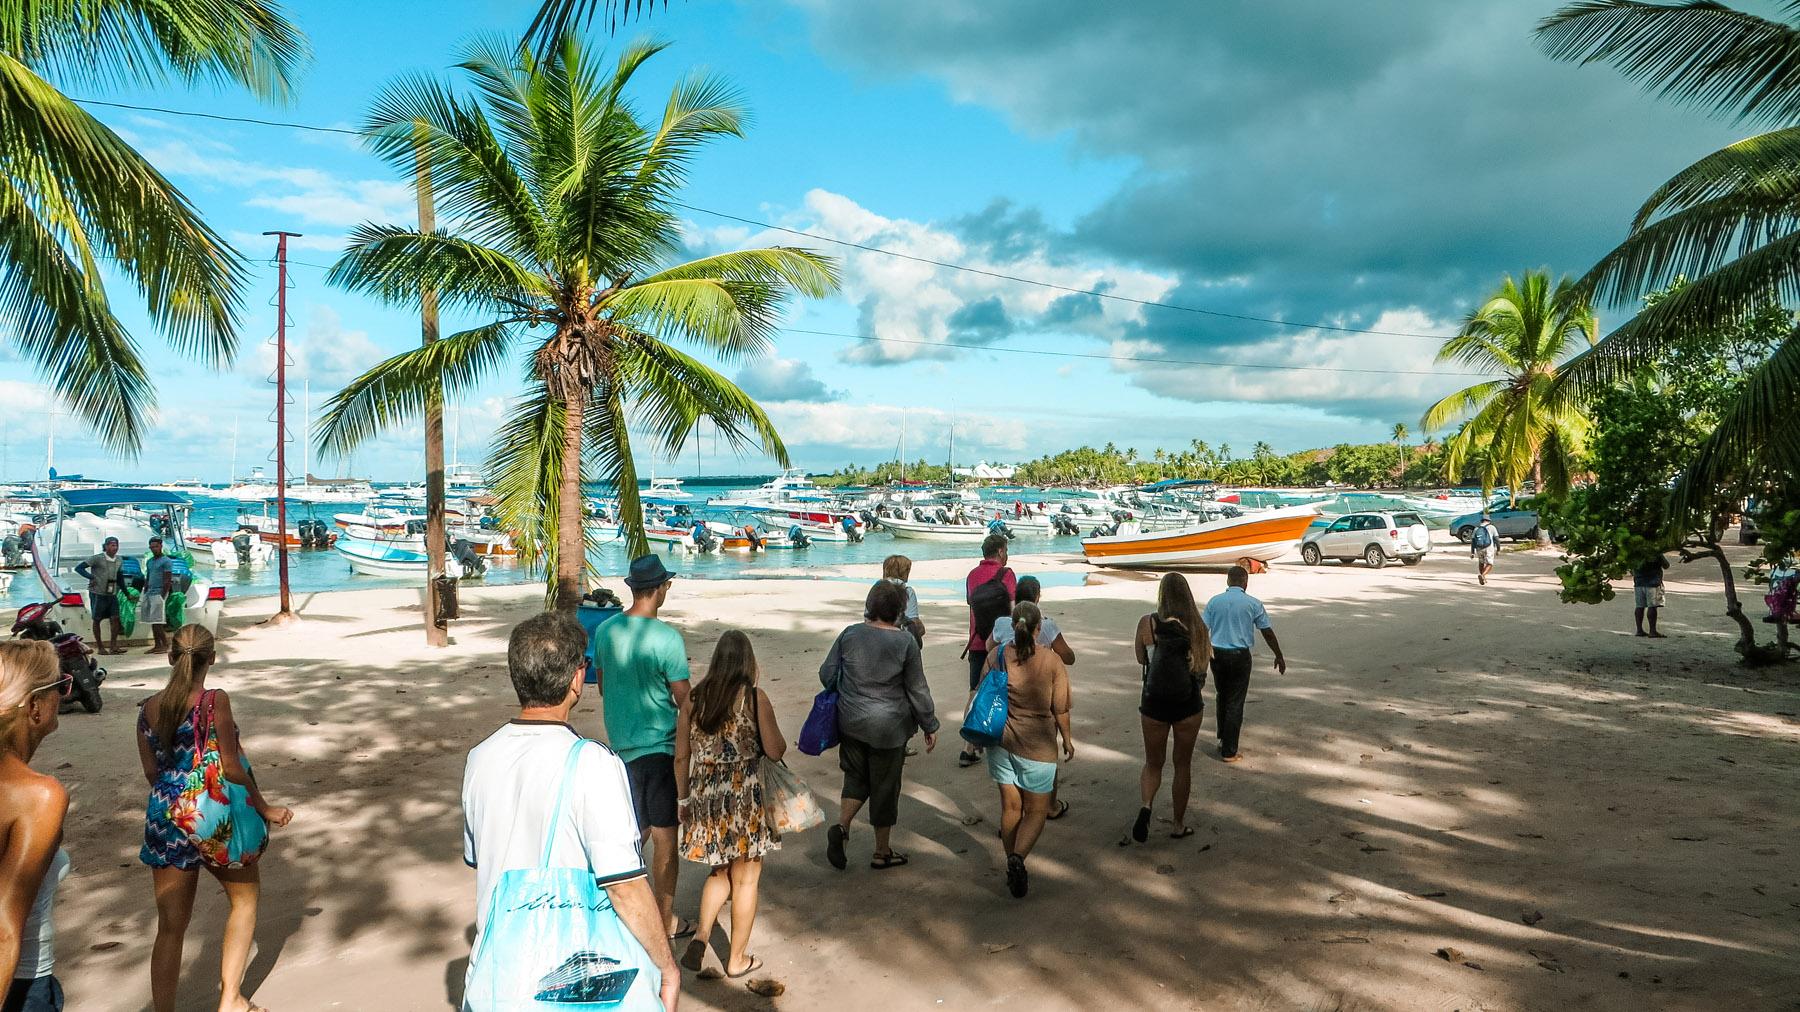 Dominikanische Republik Ausflug Boote